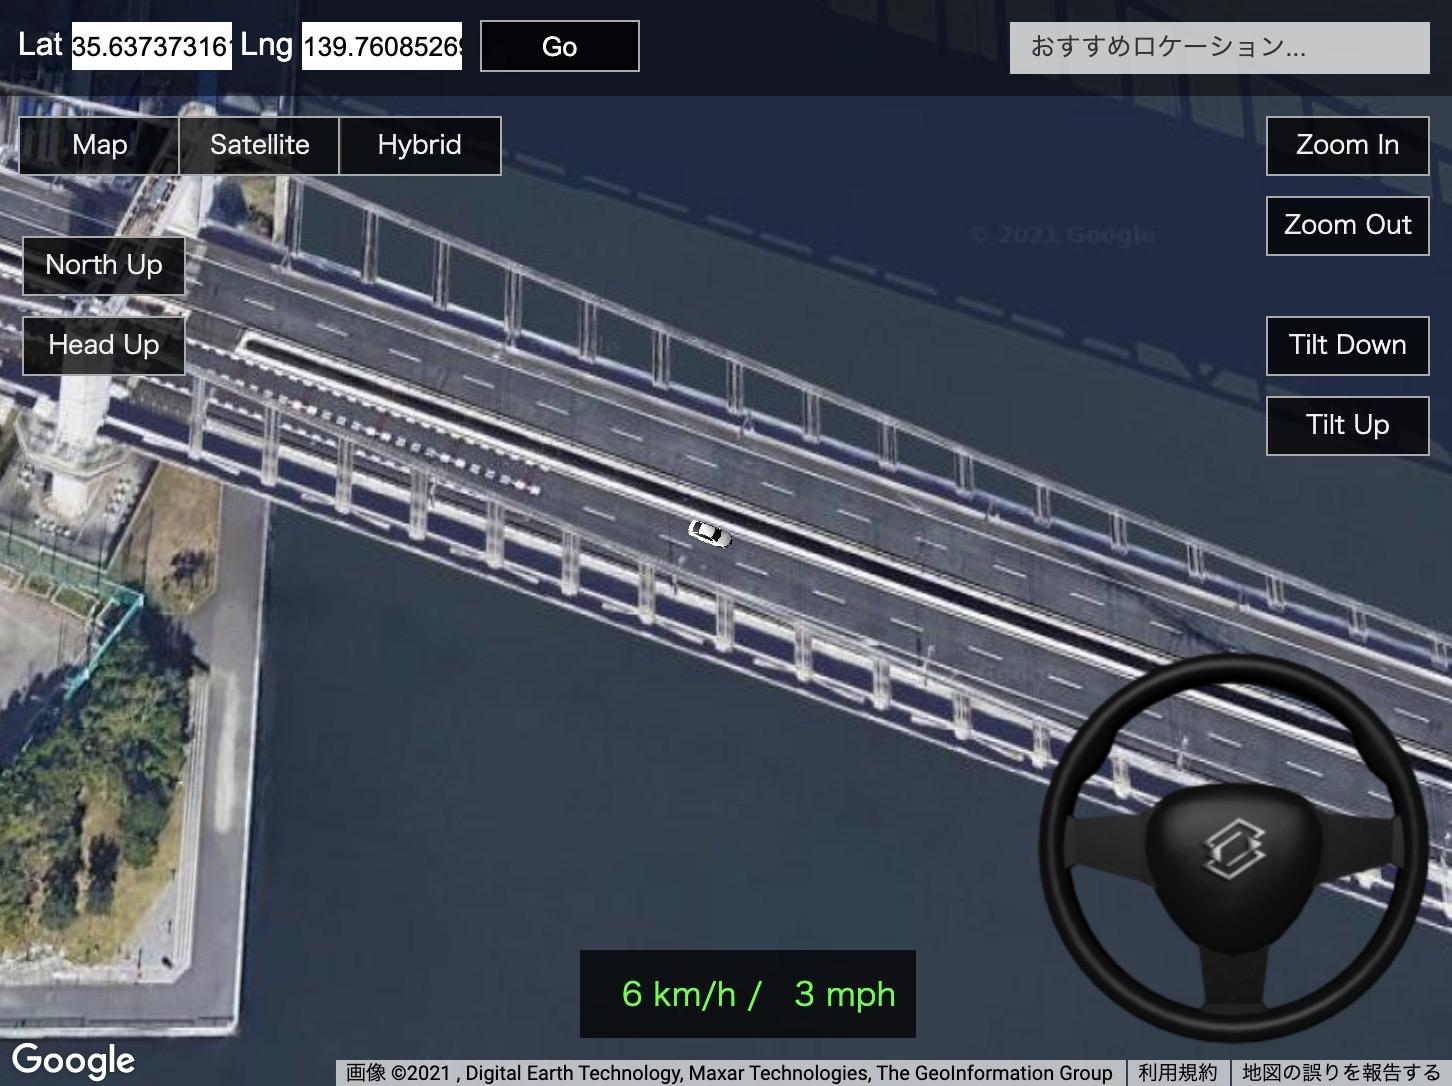 3D car sim google 04 04